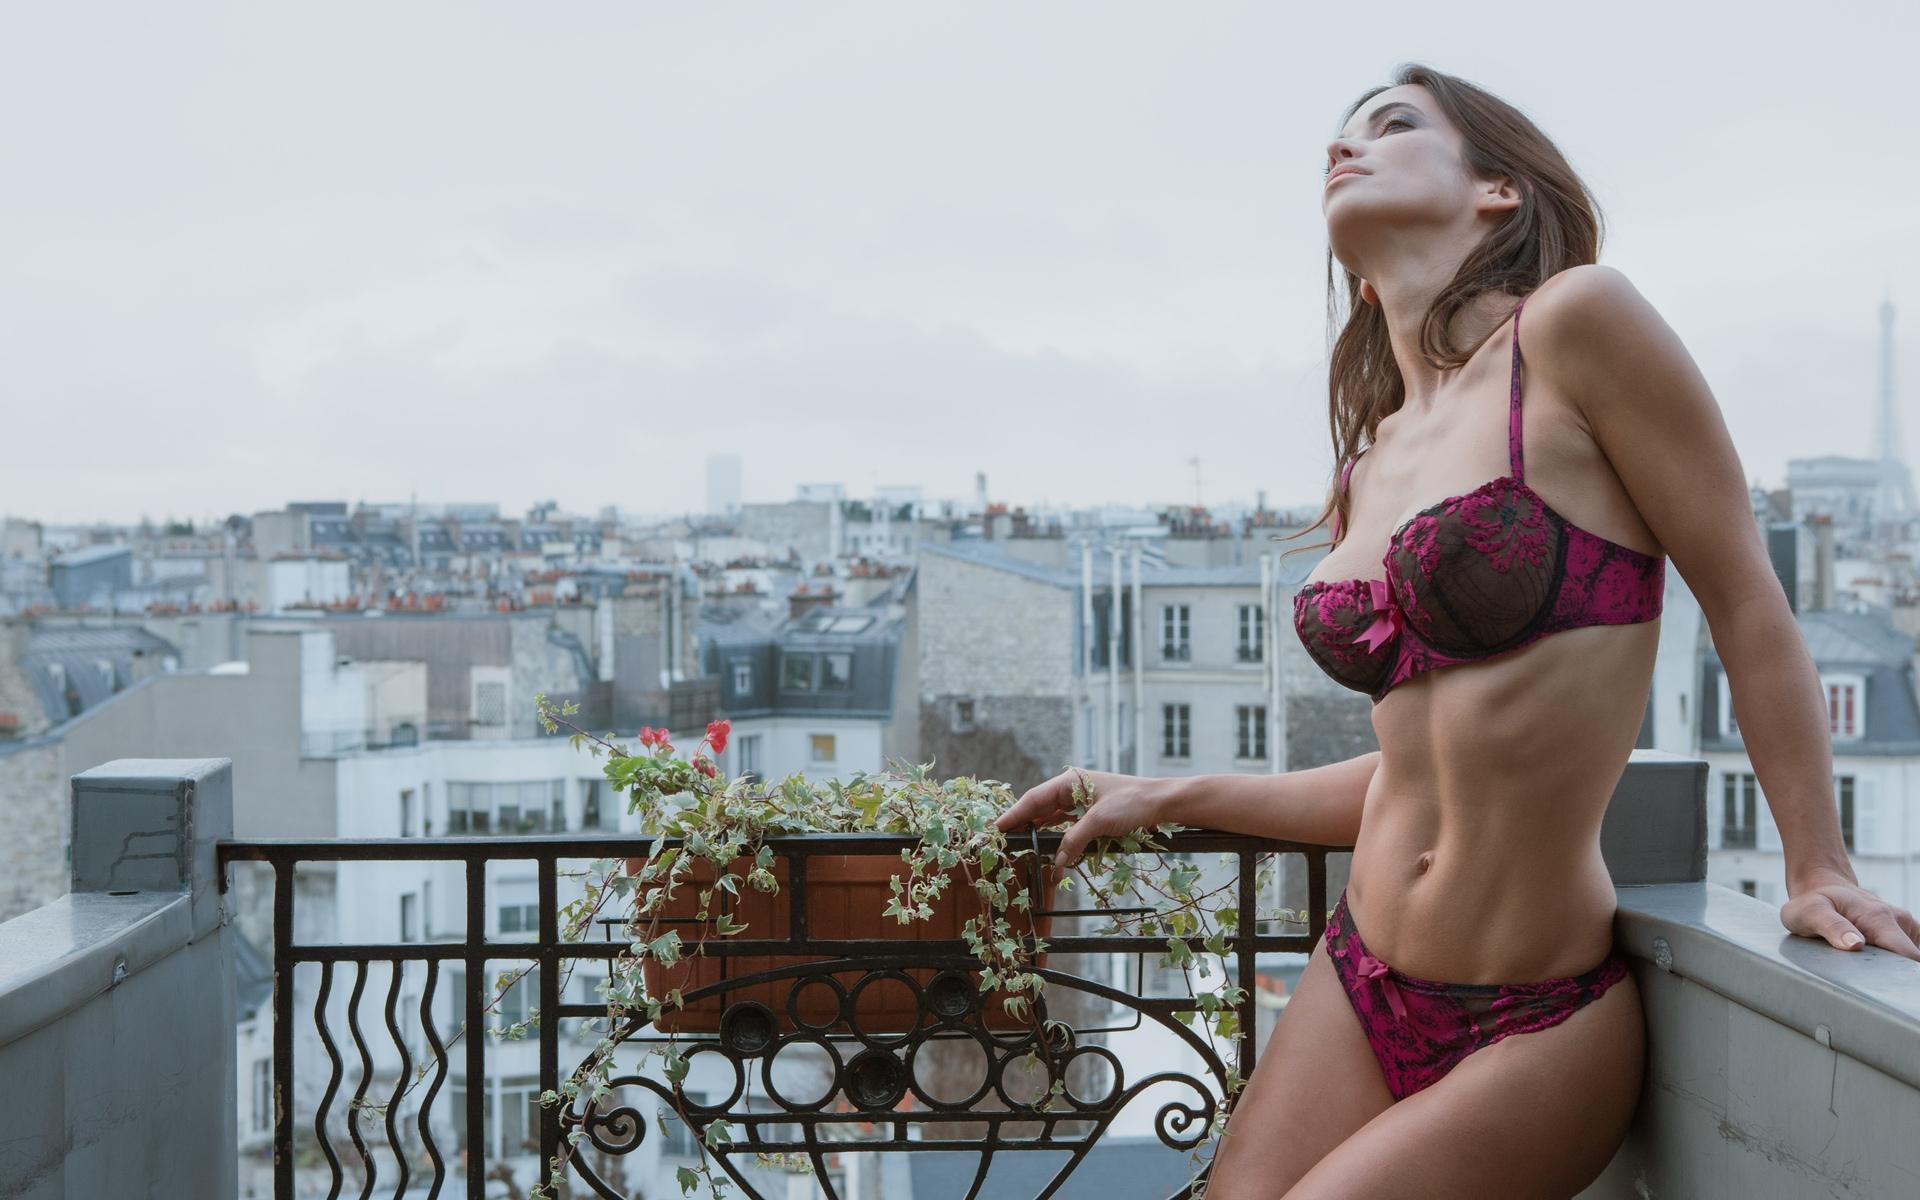 Модельный Голый Фото Девчонки Из Парижа